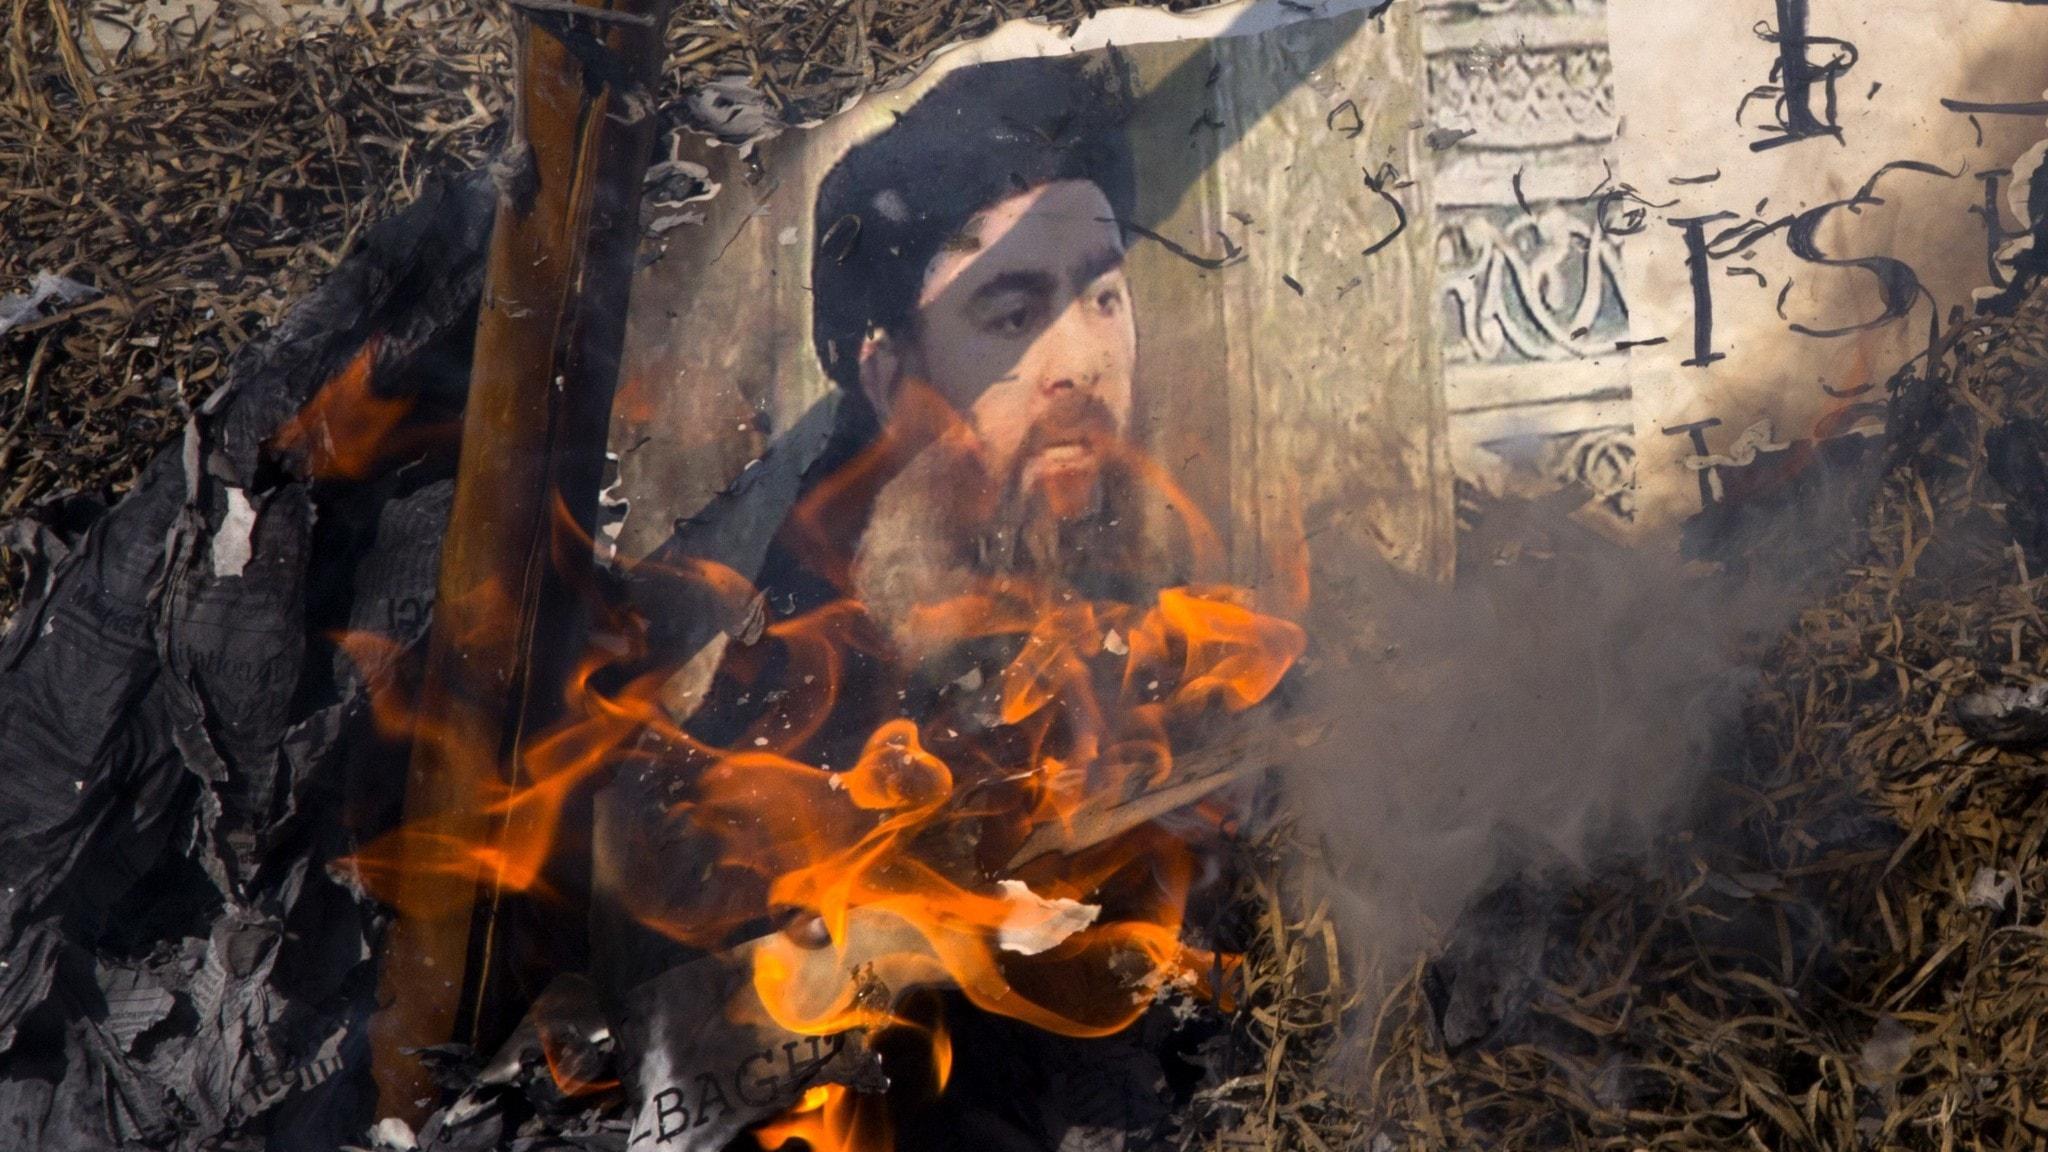 Varför finns det så mycket hat förknippat med religion?